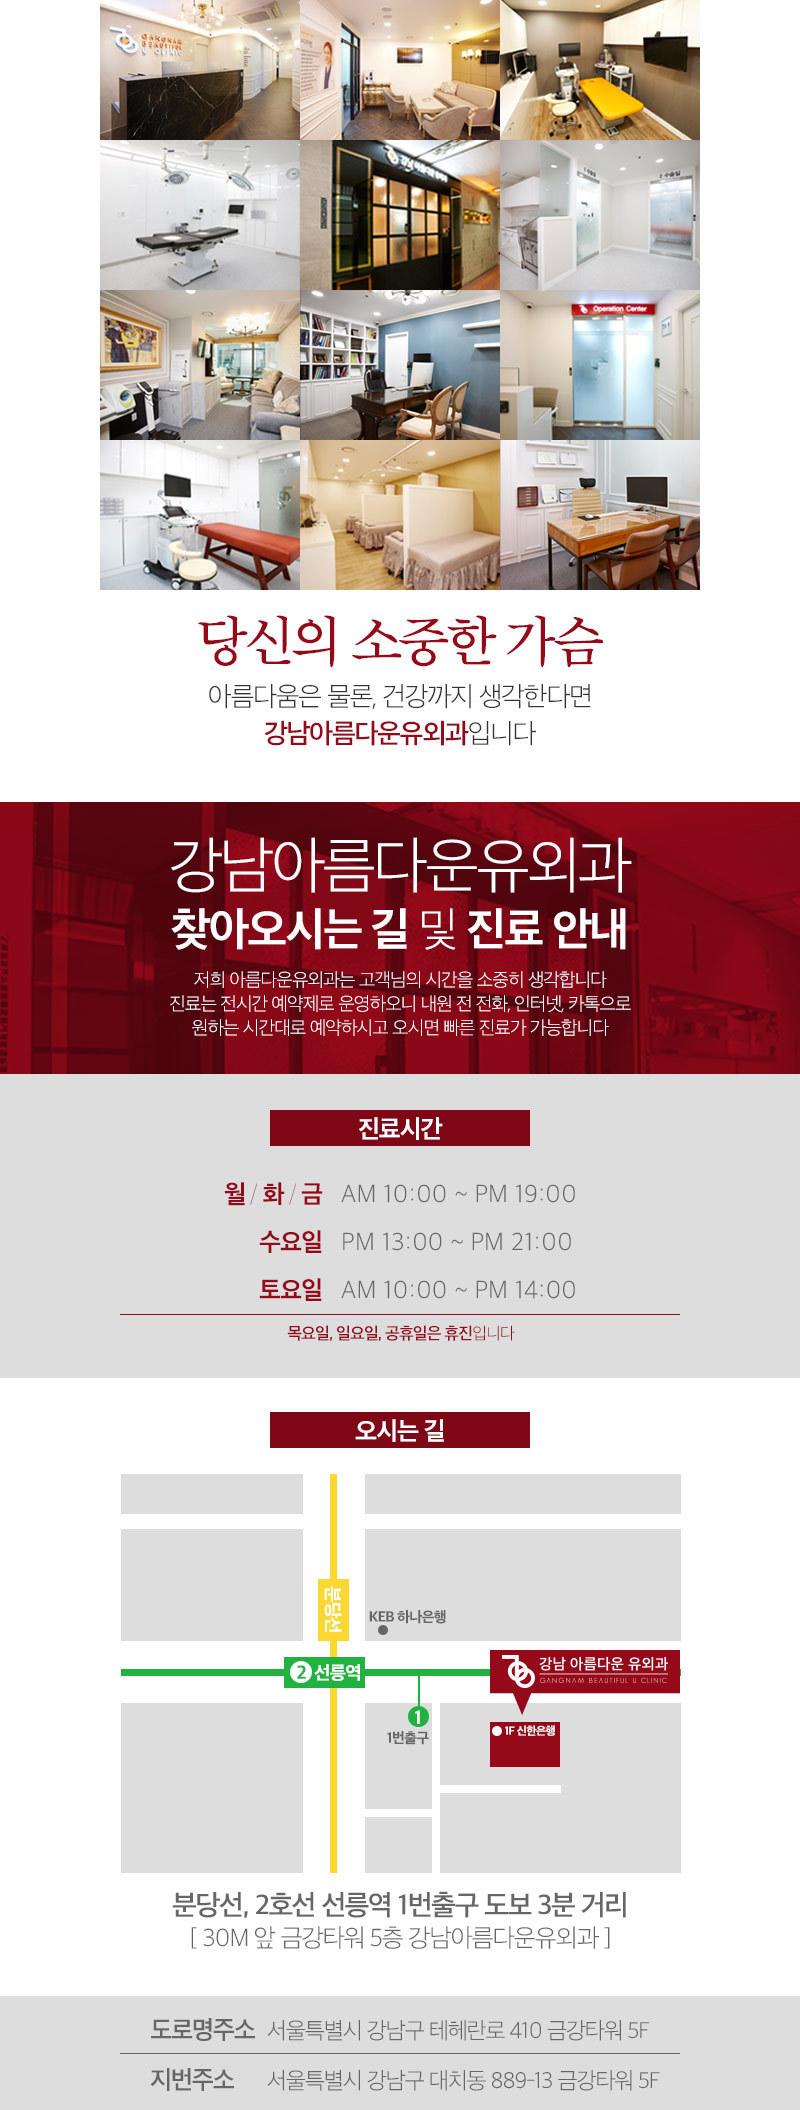 D event info 218c8e1d8d6f1e5213